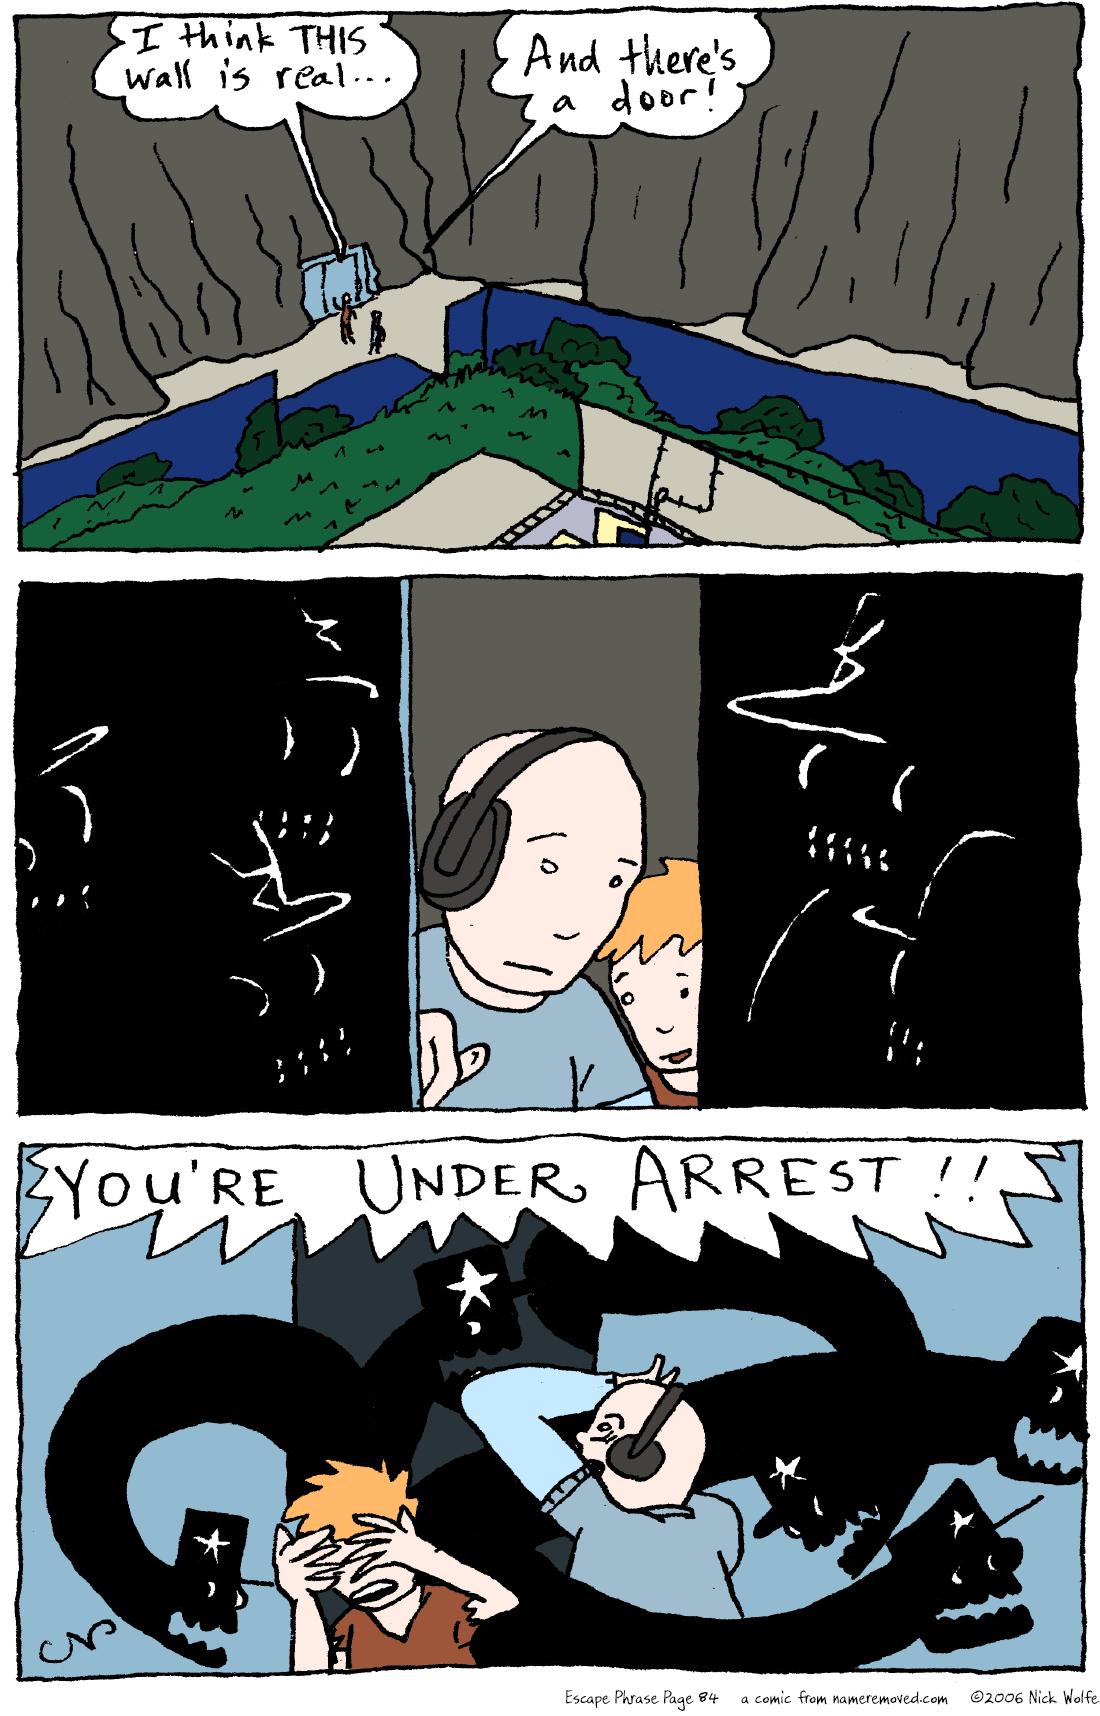 Escape Phrase 84